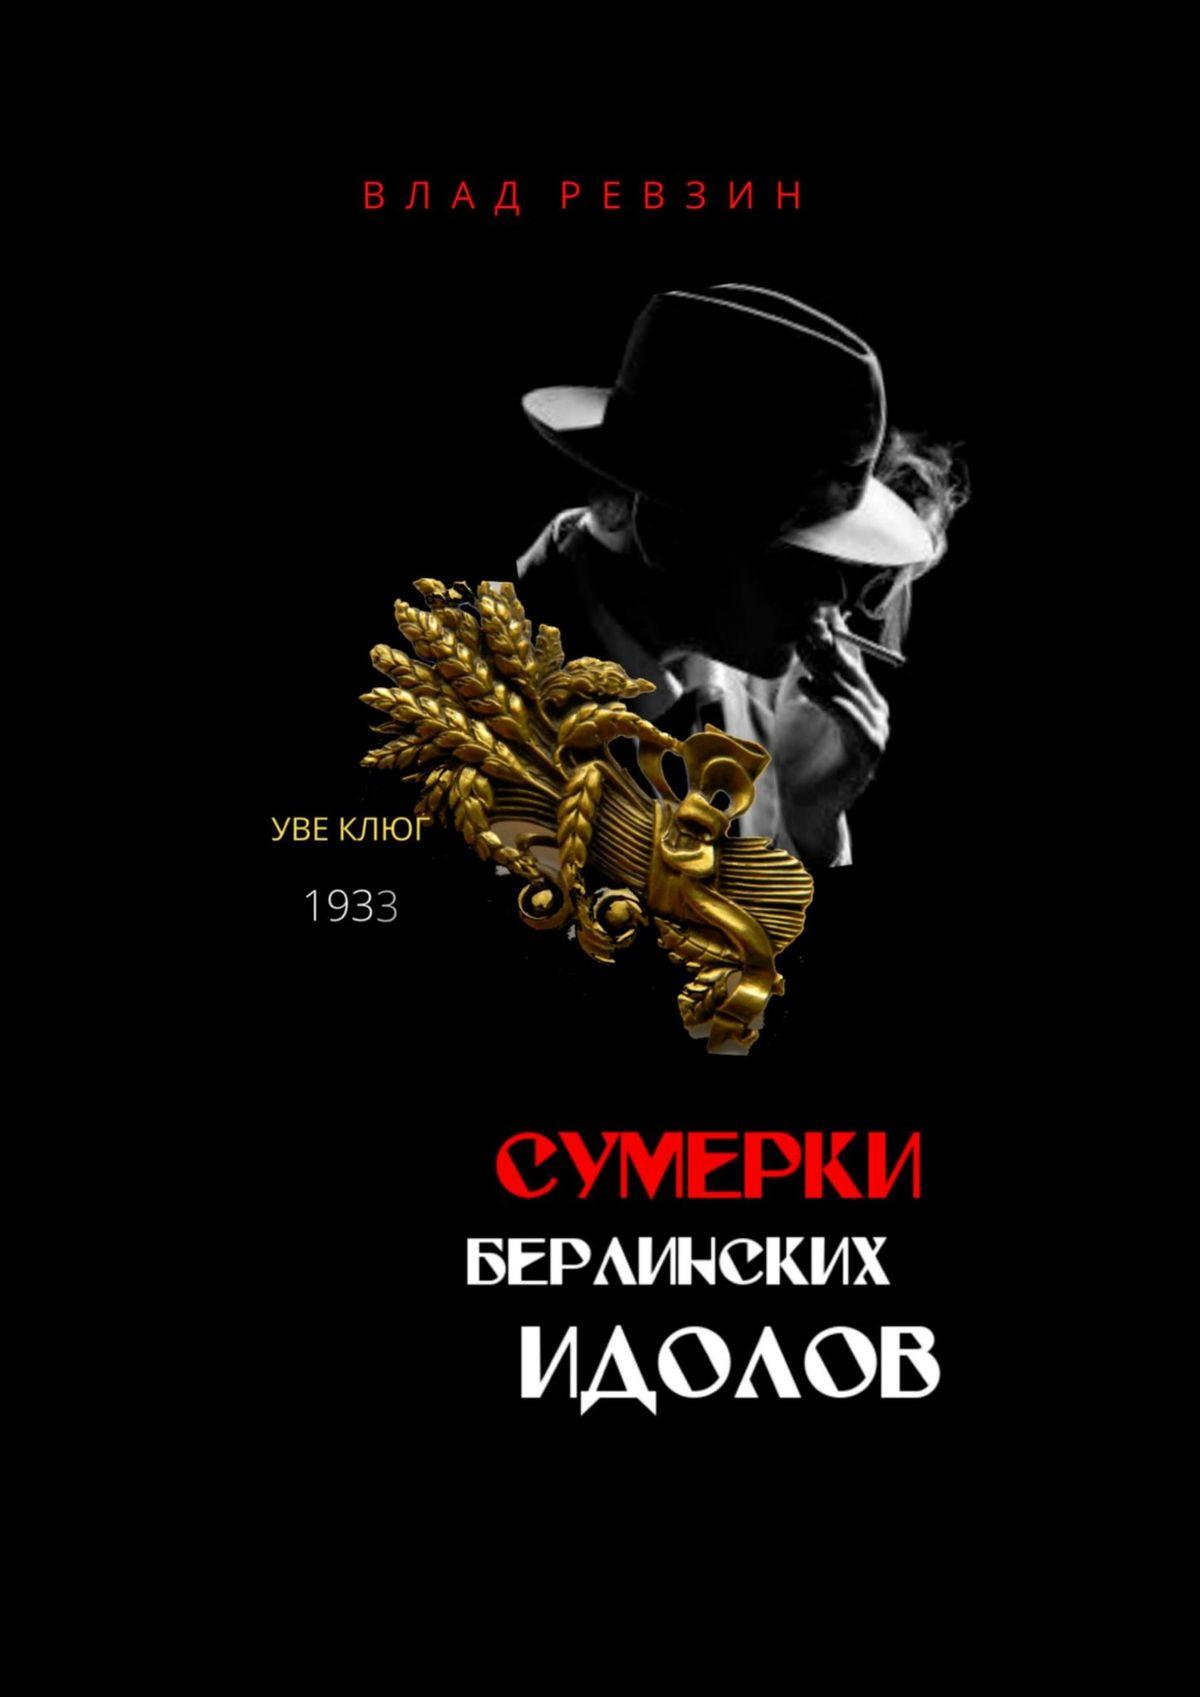 Купить книгу Сумерки берлинских идолов, автора Влада Евгеньевича Ревзина